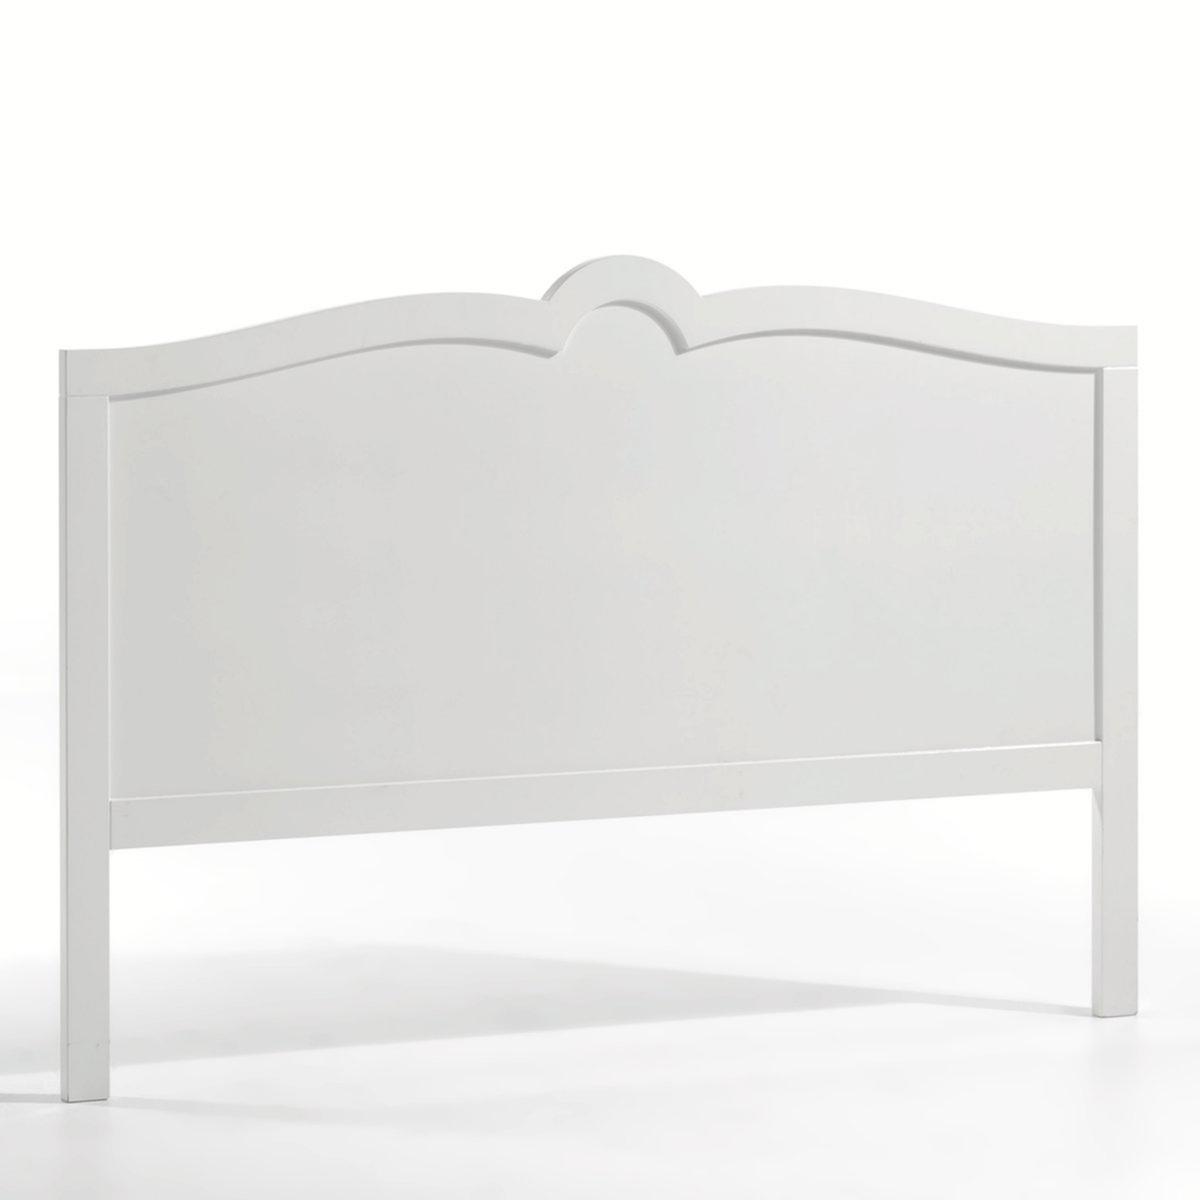 Изголовье La Redoute Для кровати с лакированной отделкой Sydia 160 см белый кровати 160 см